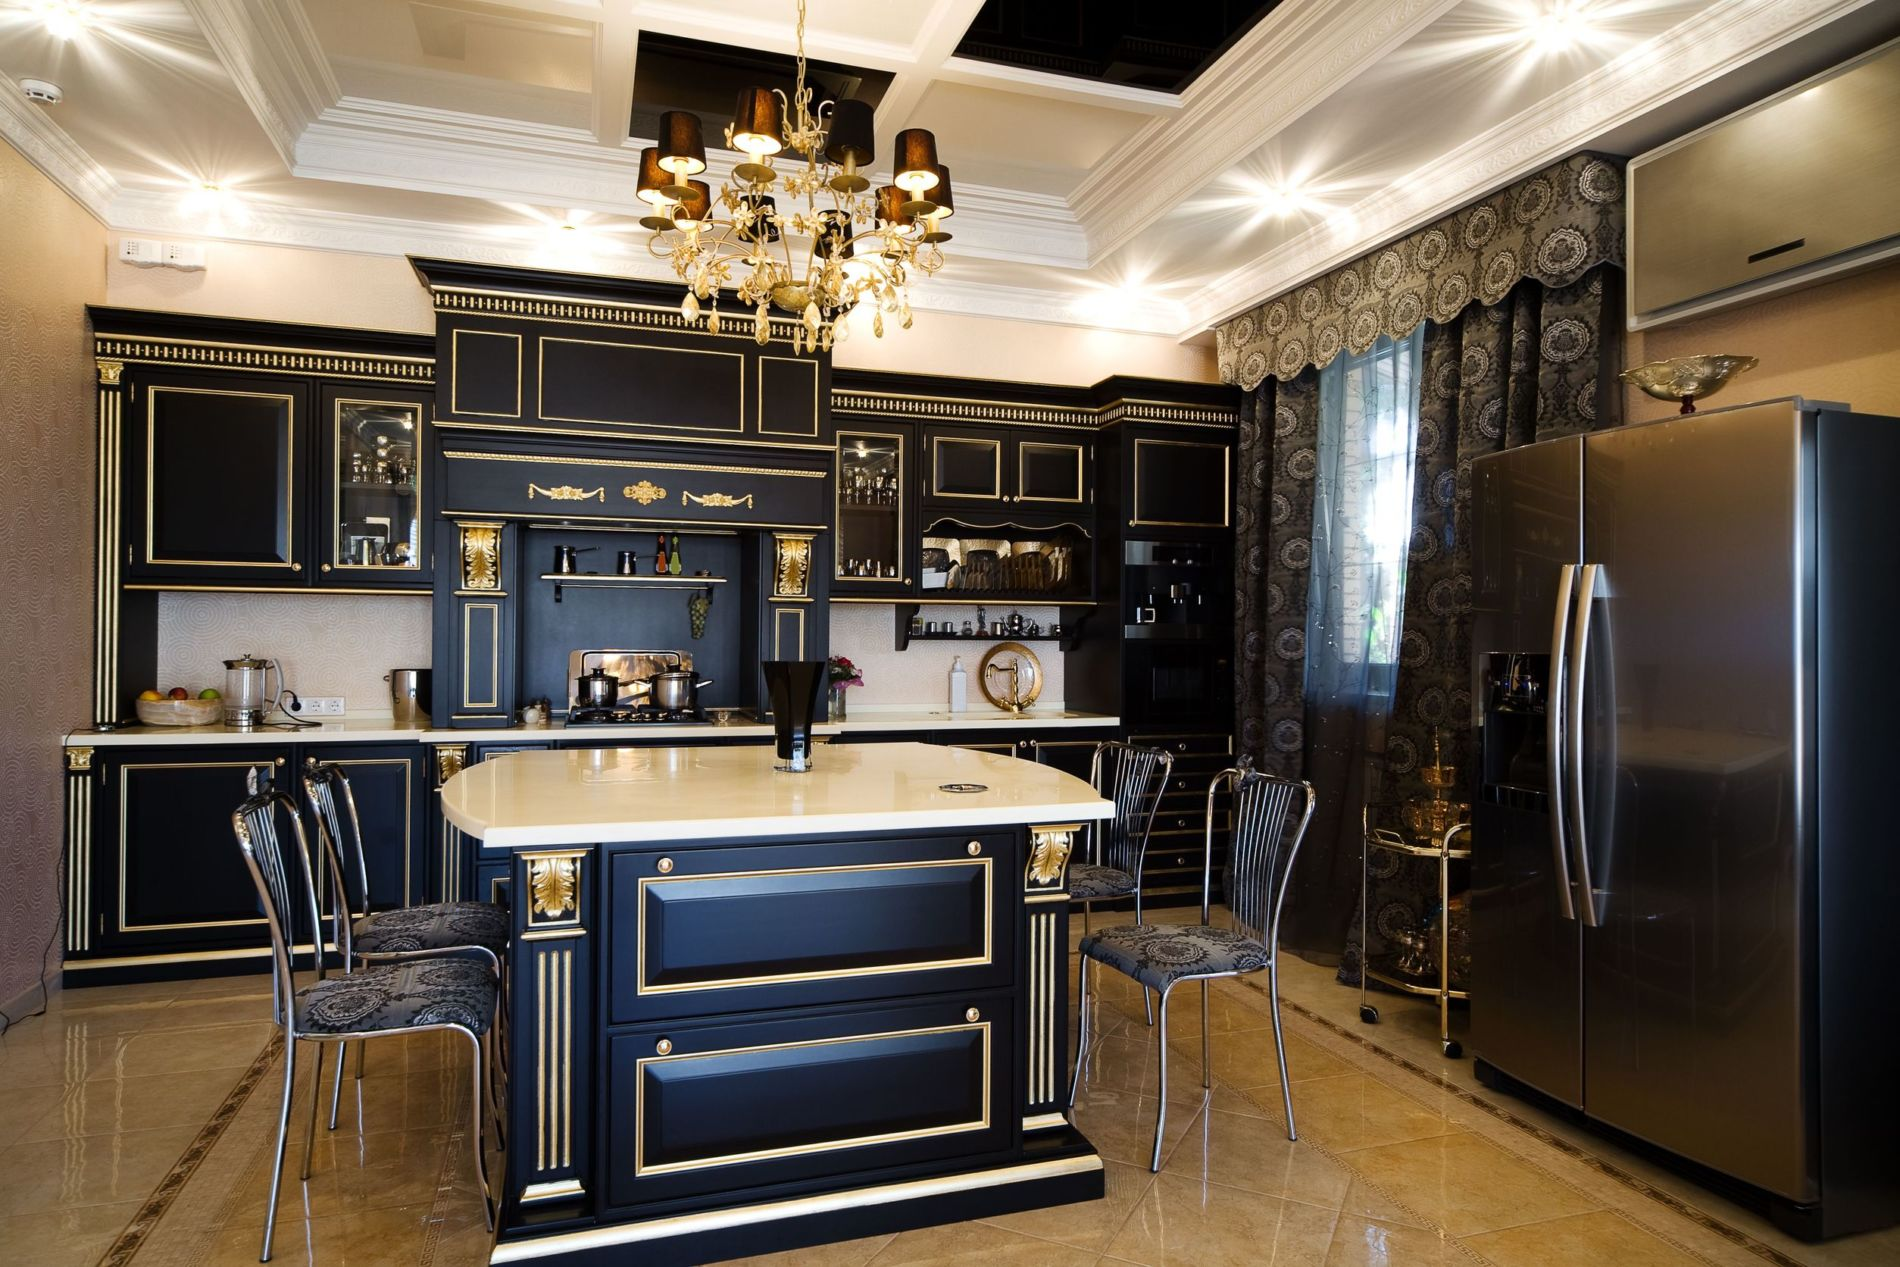 מדיסון המפורסם מטבח מושלם ועיצוב מרשים